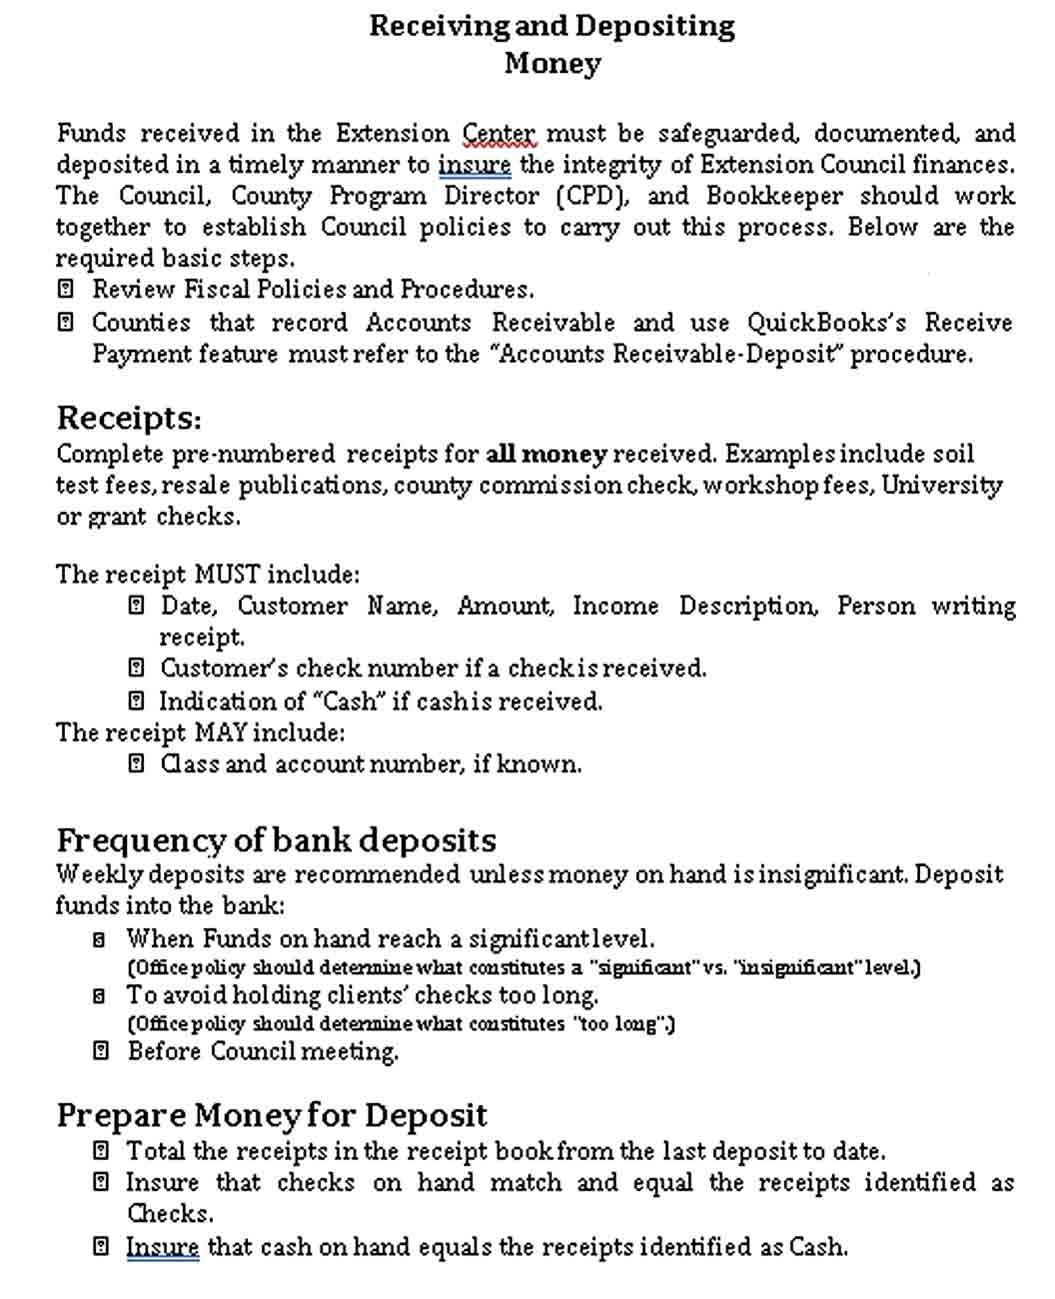 Money Receipt Template Receipt Template Business Template How To Get Money